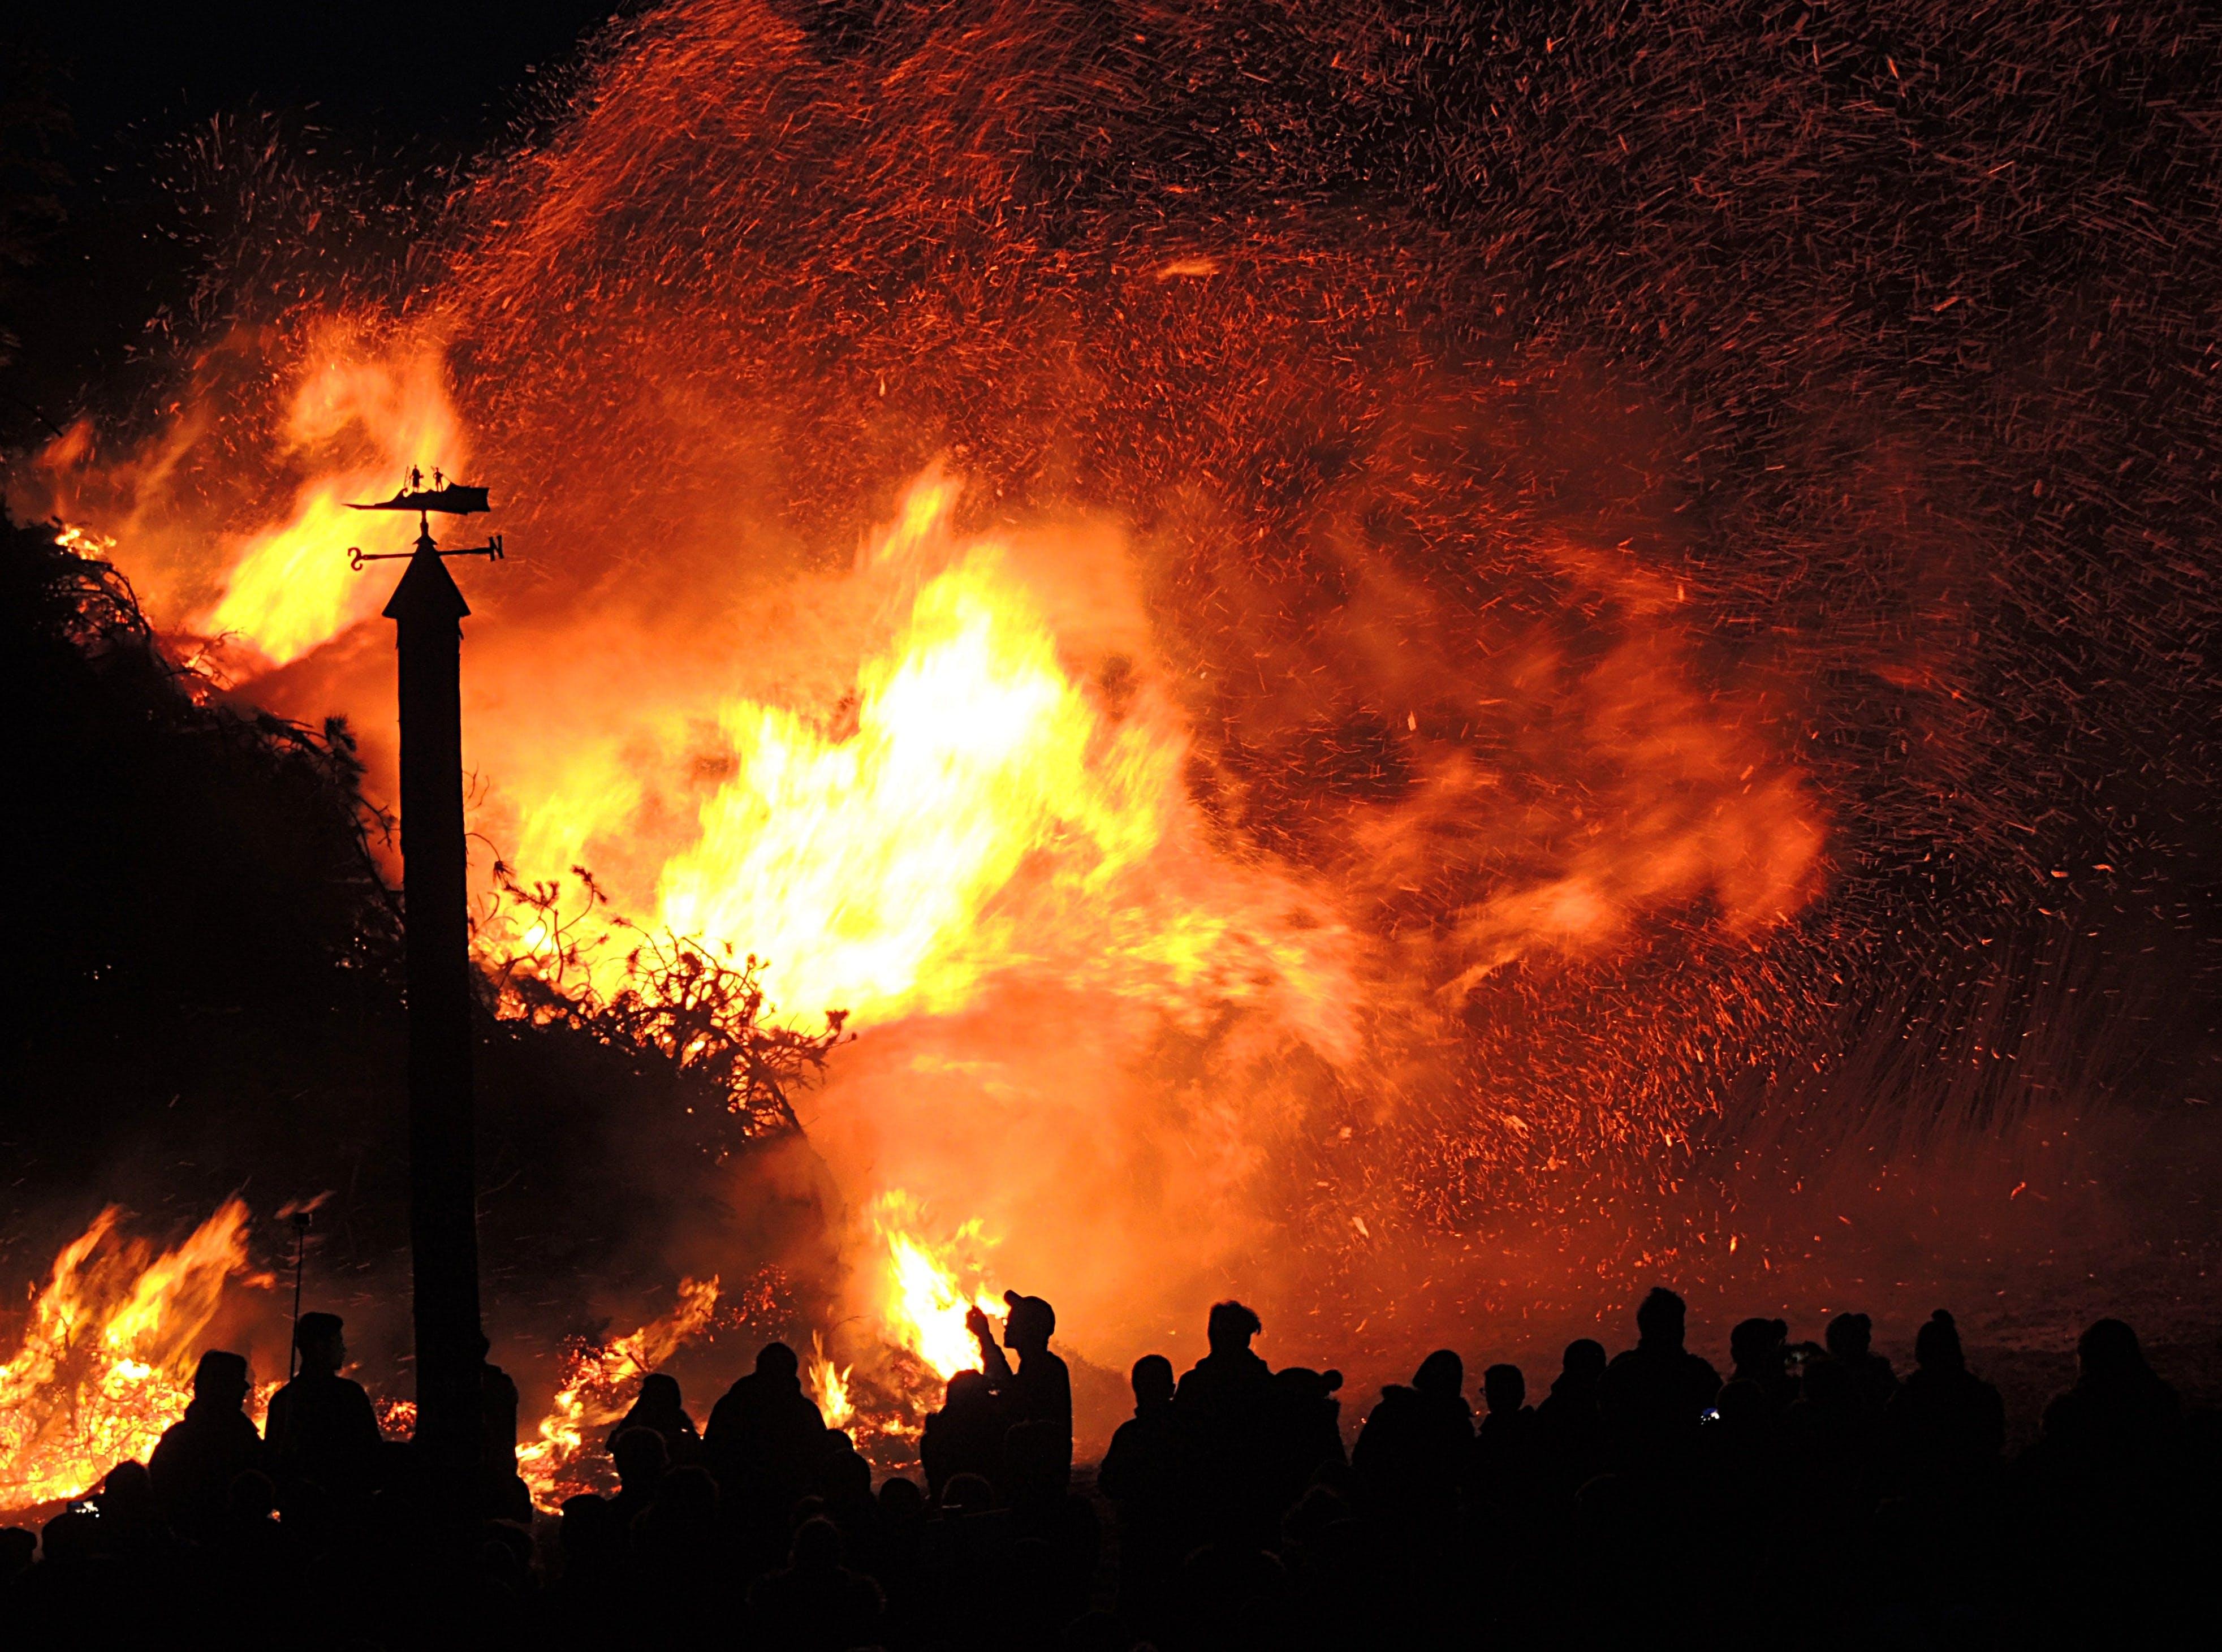 ash, blaze, burn